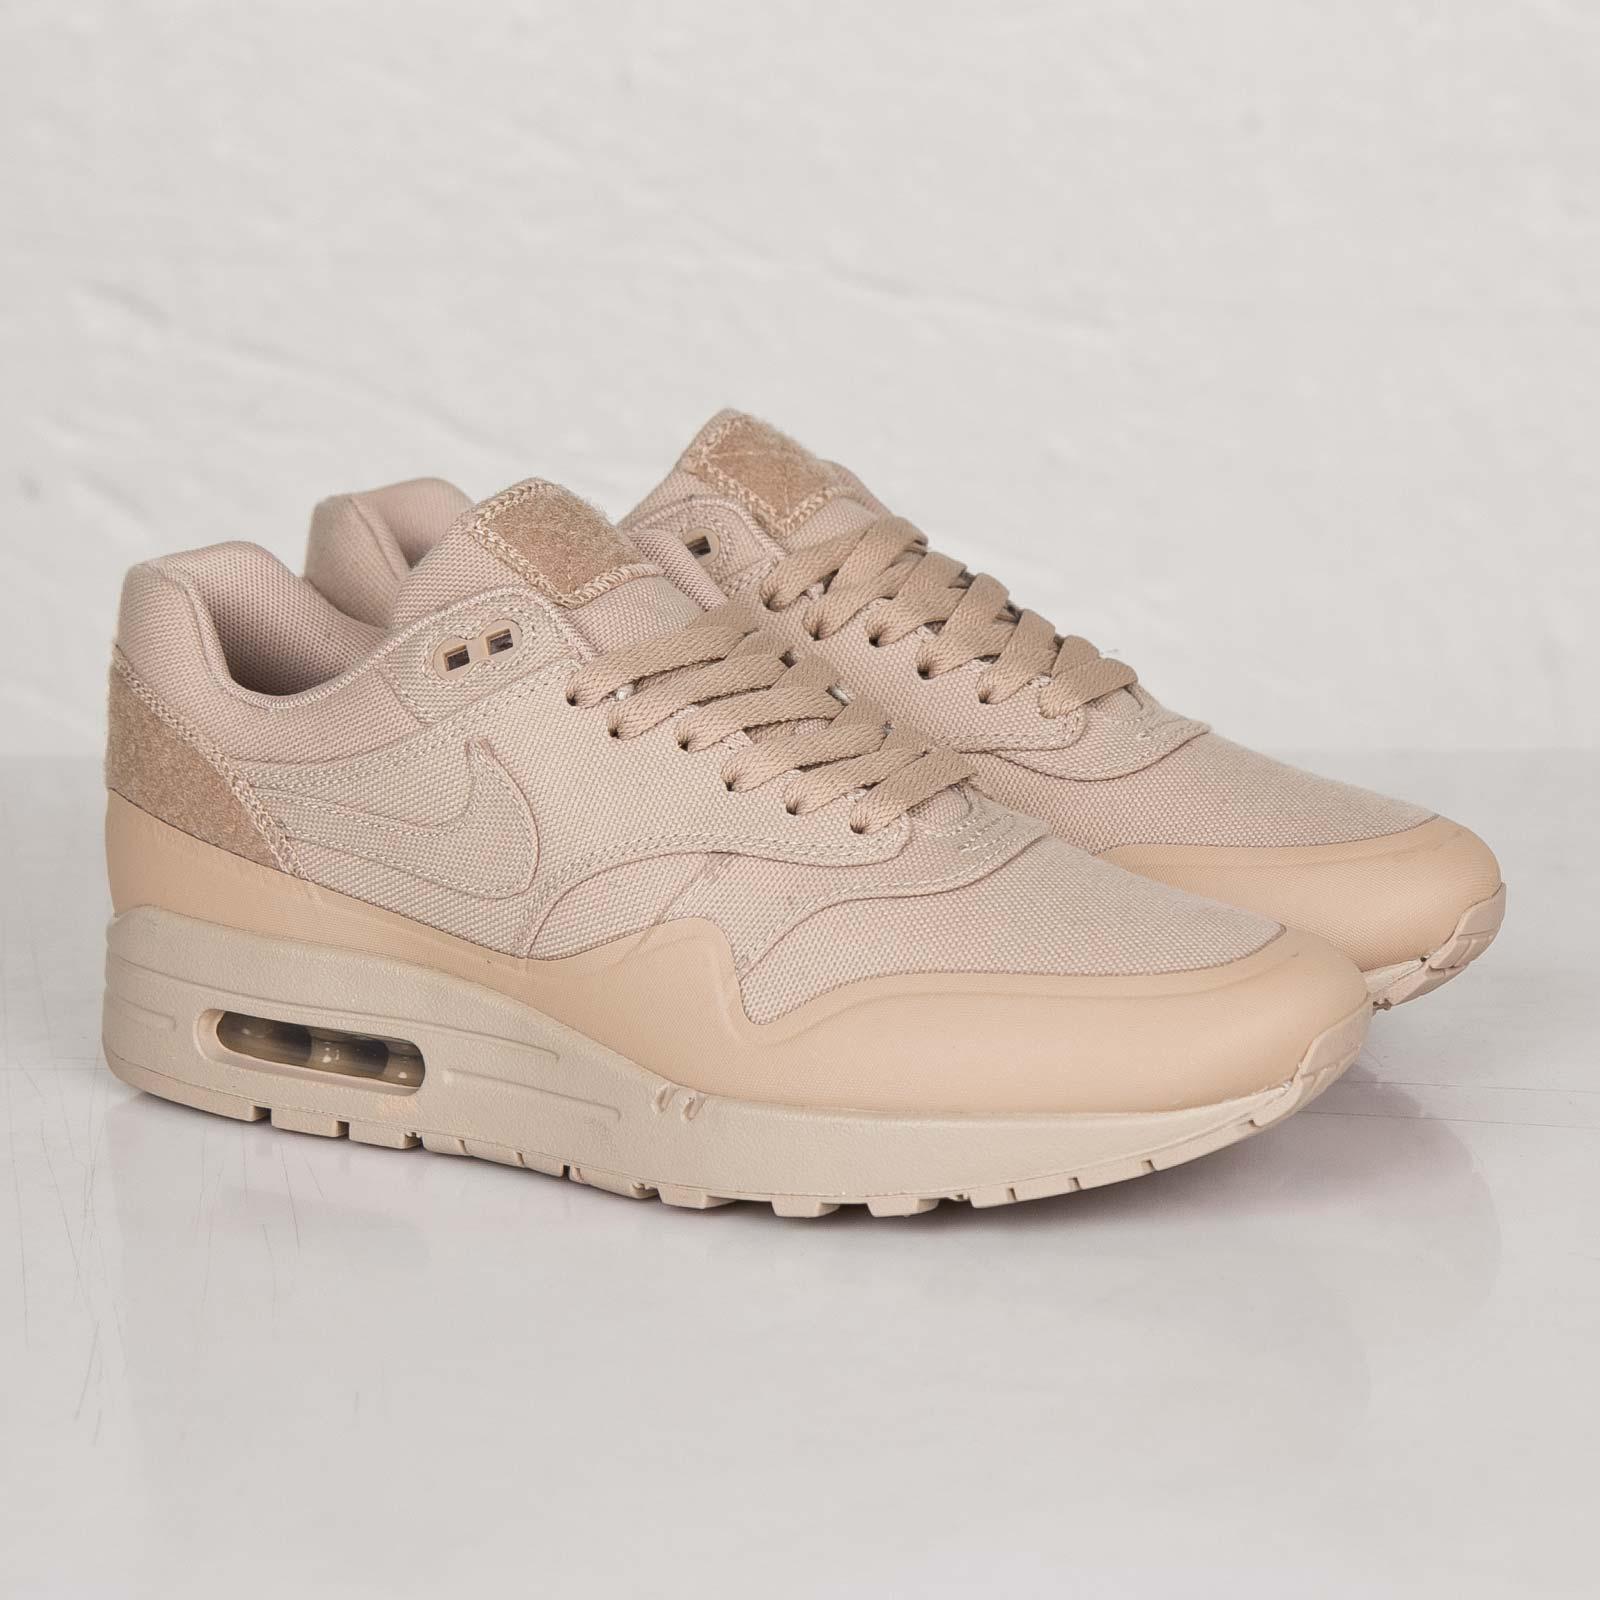 Nike Air Max 1 V SP 704901 200 Sneakersnstuff | sneakers